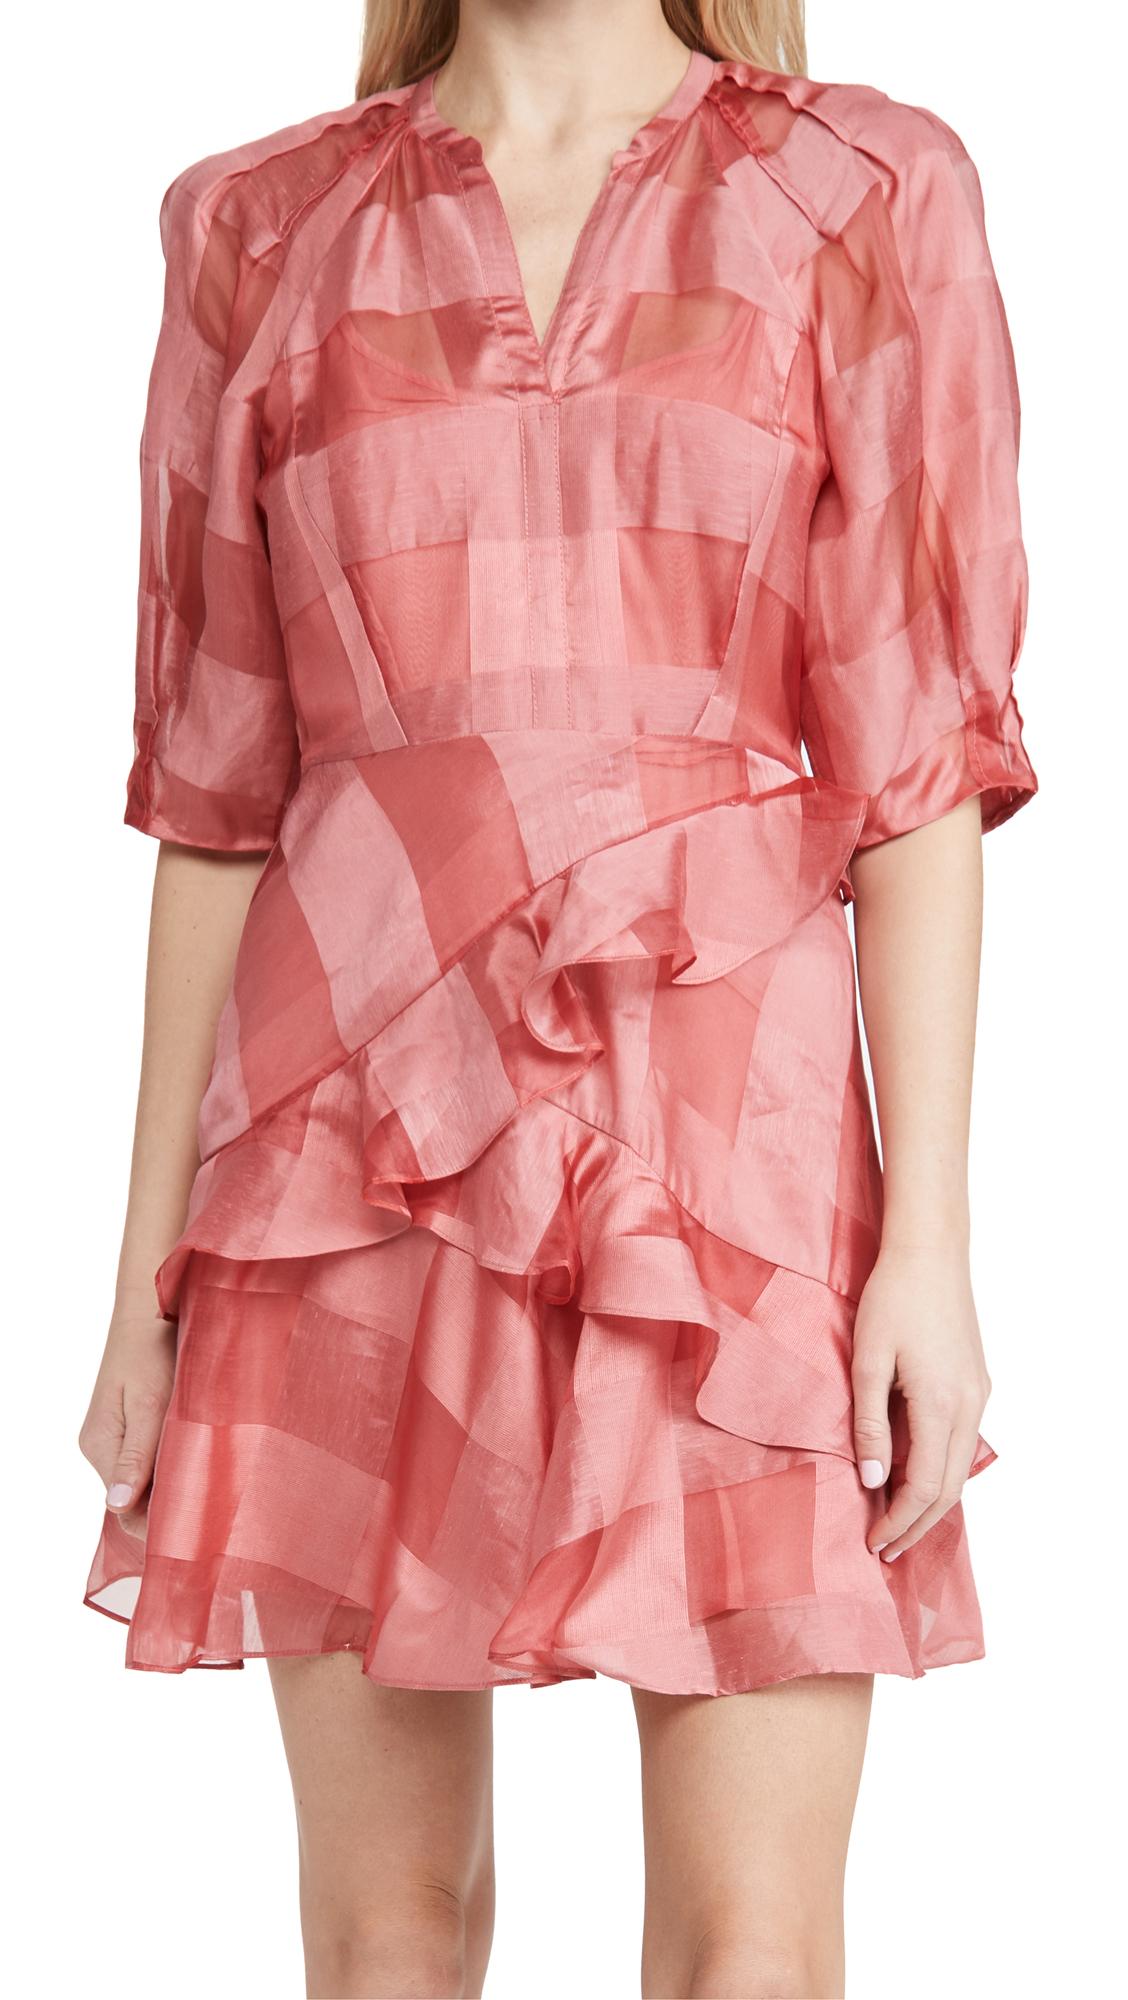 Rebecca Taylor Long Sleeve Organza Check Dress